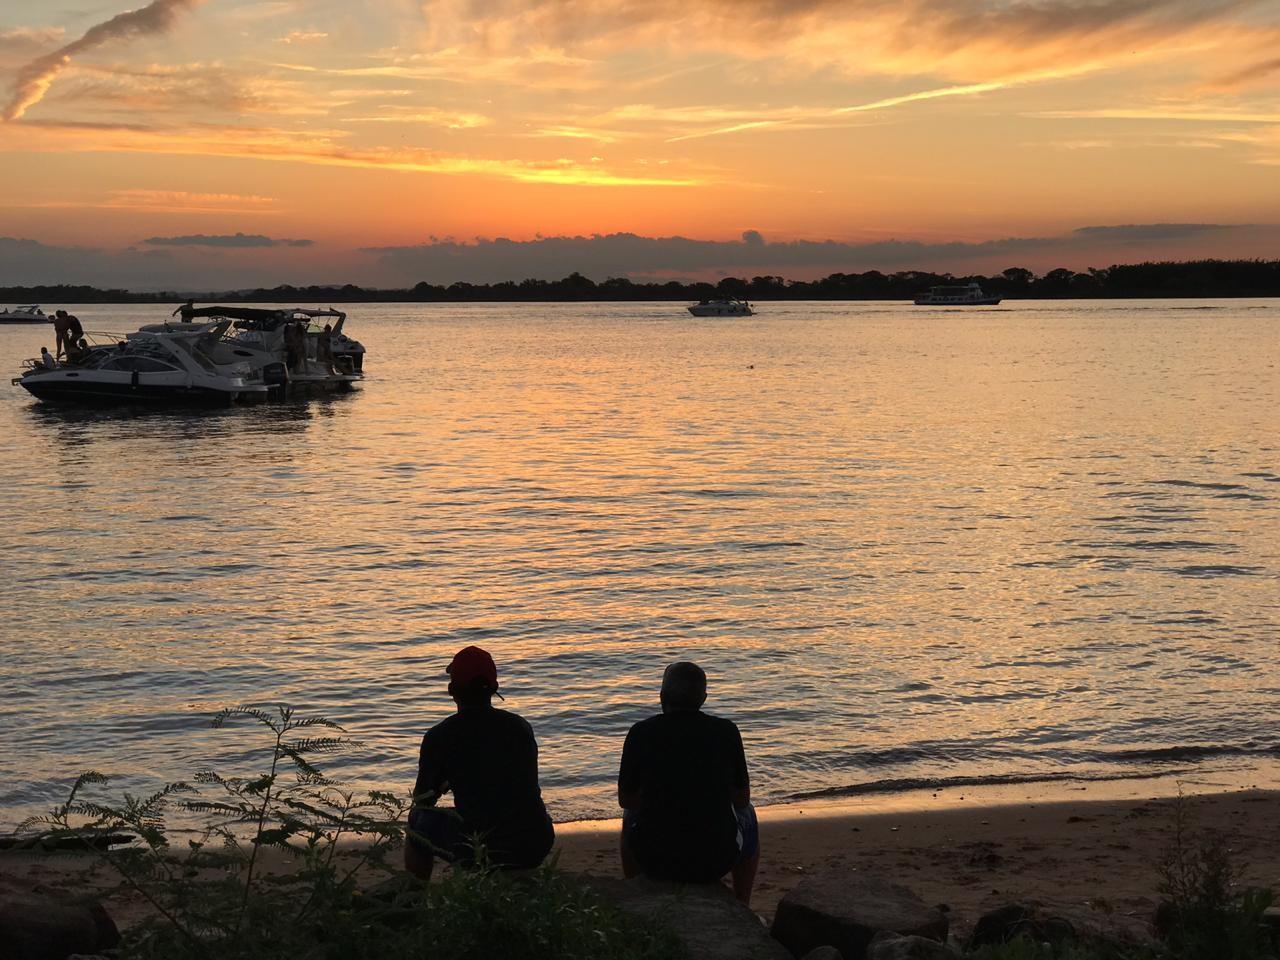 Garoto de 21 anos se afoga e desaparece nas águas do Guaíba, em Porto Alegre  - Noticias